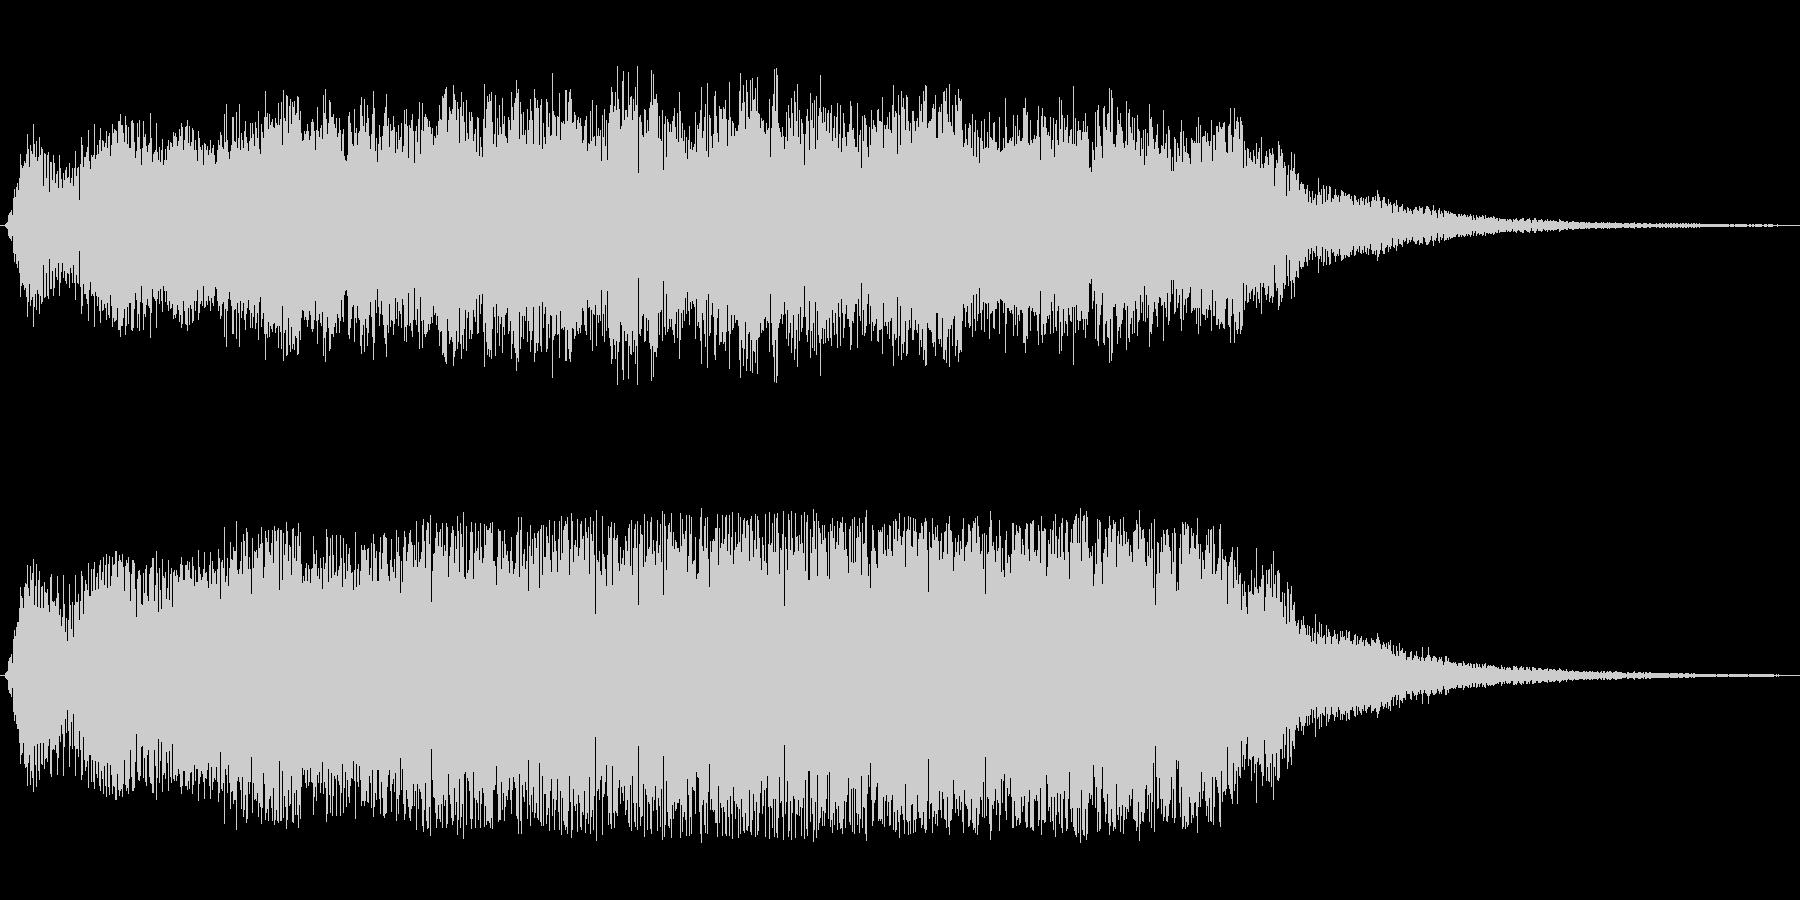 重厚感と神秘性のあるオープニング曲の未再生の波形